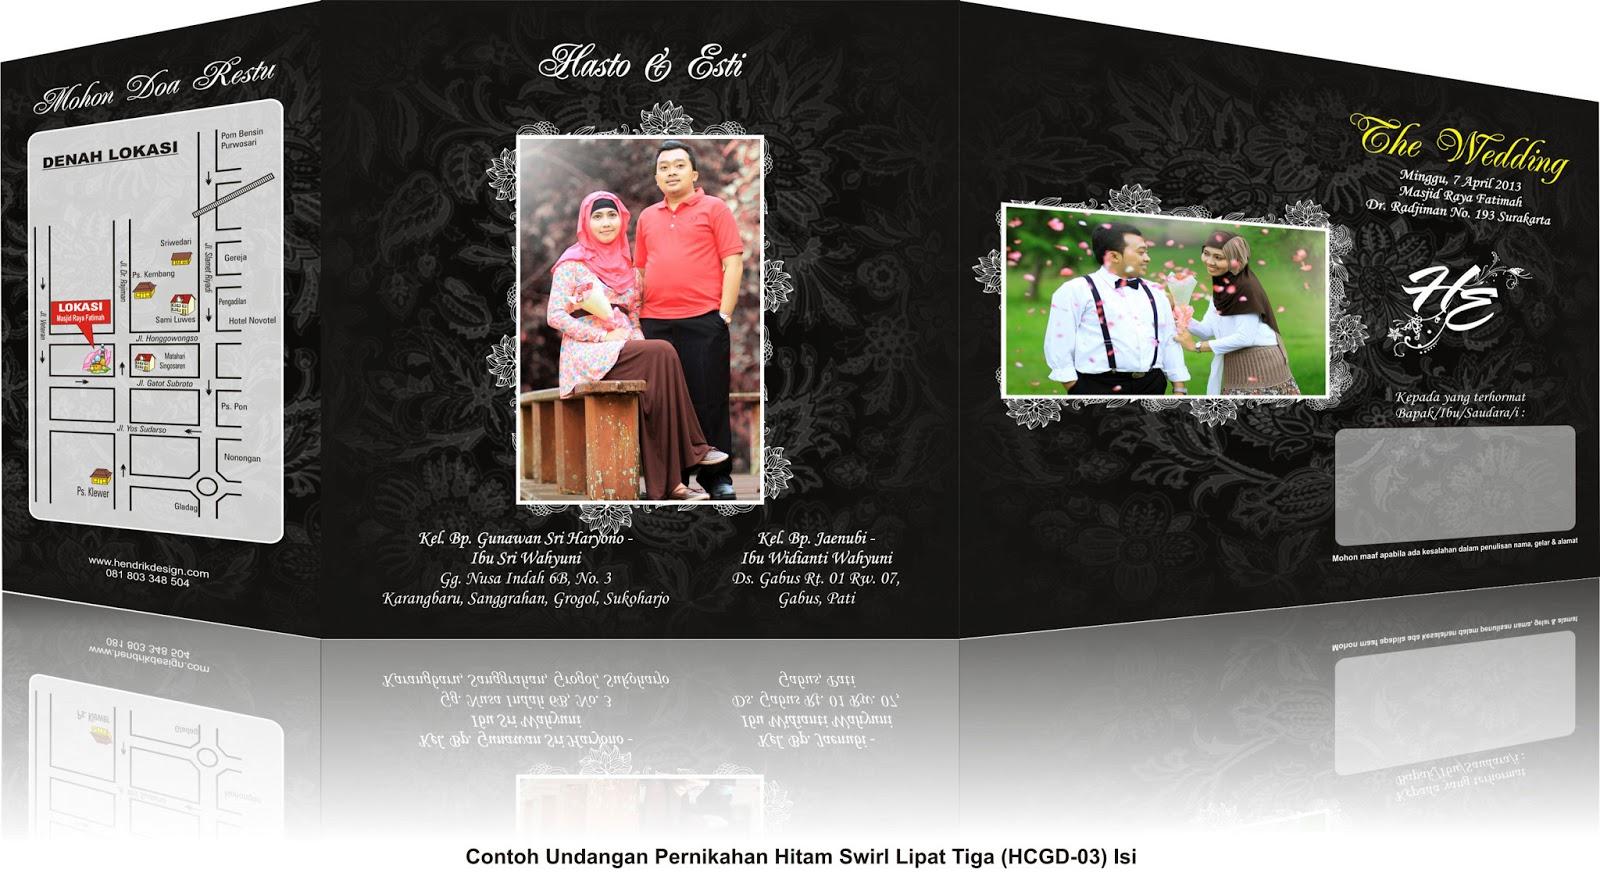 ... undangan pernikahan dengan nuansa hitam swirl update undangan